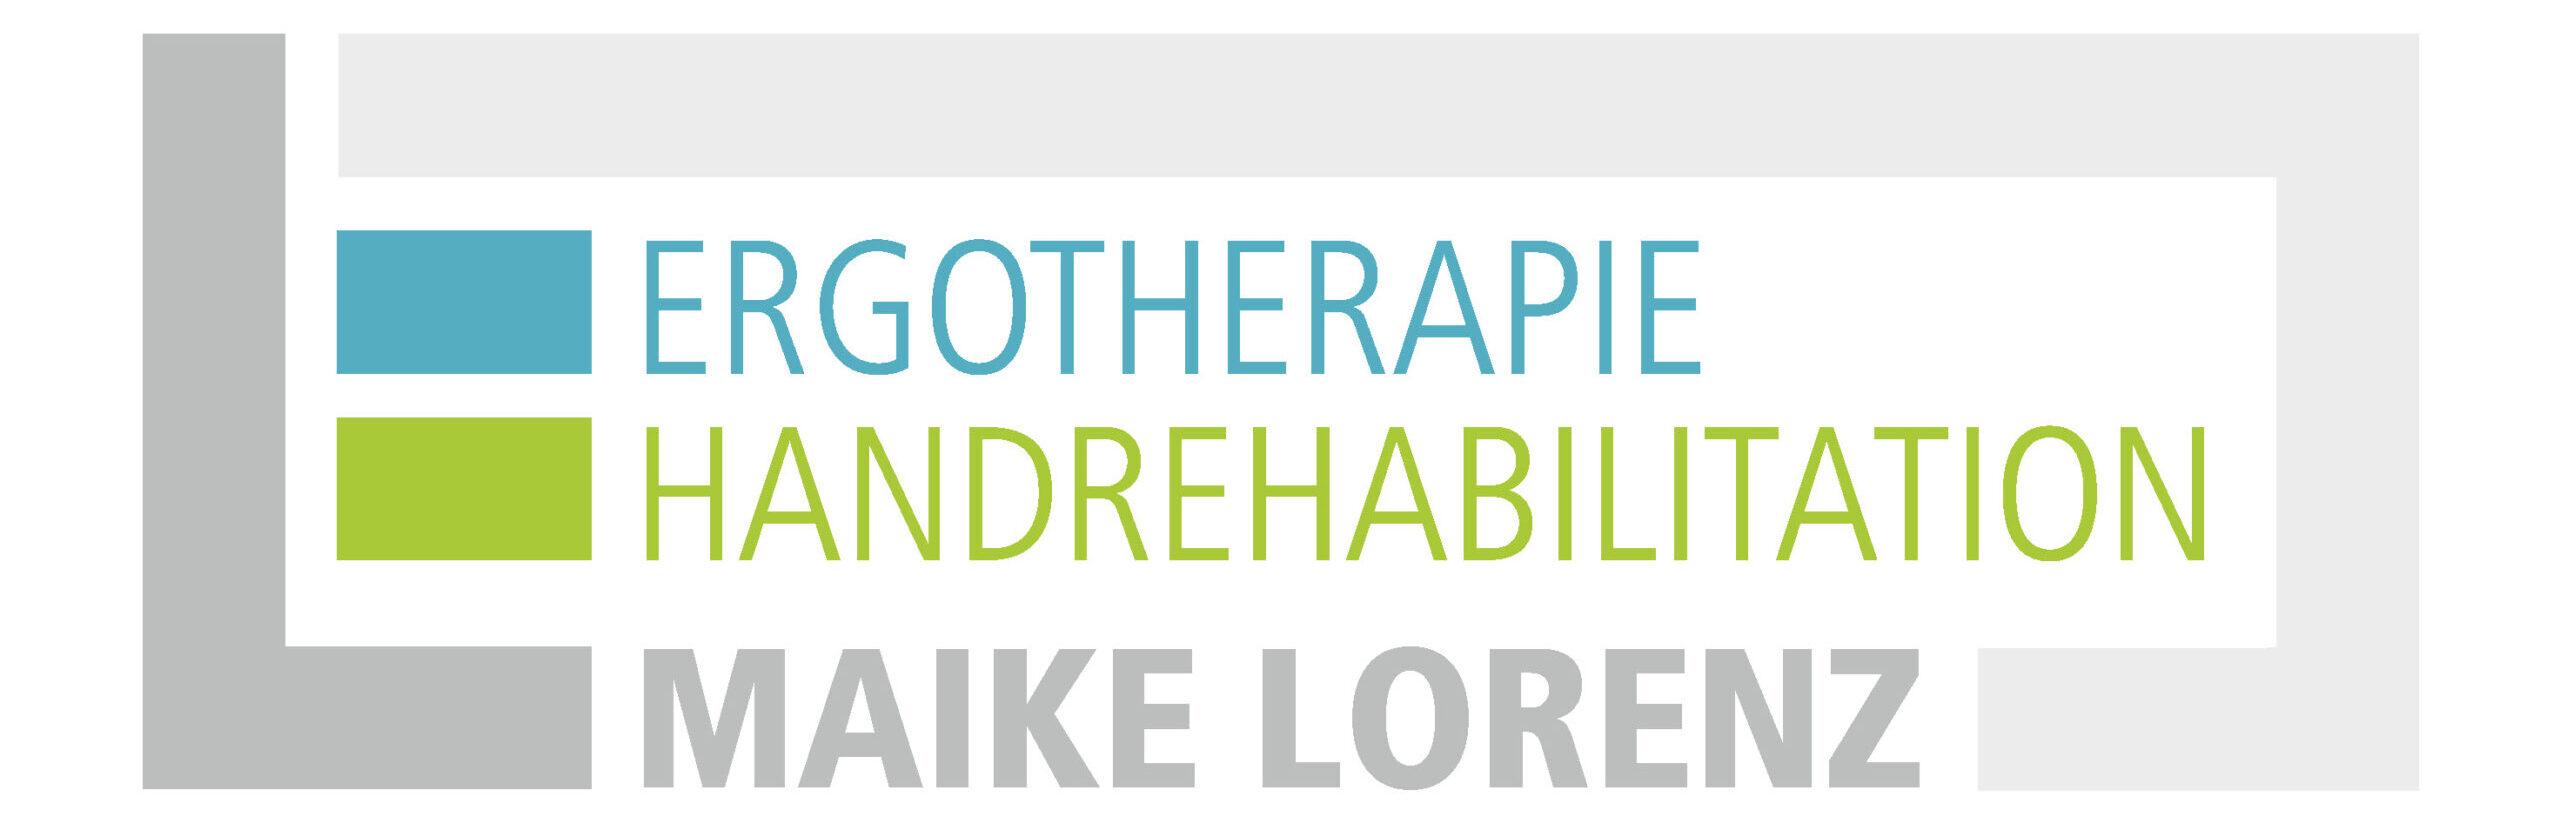 Ergotherapie & Handrehabilitation Maike Lorenz